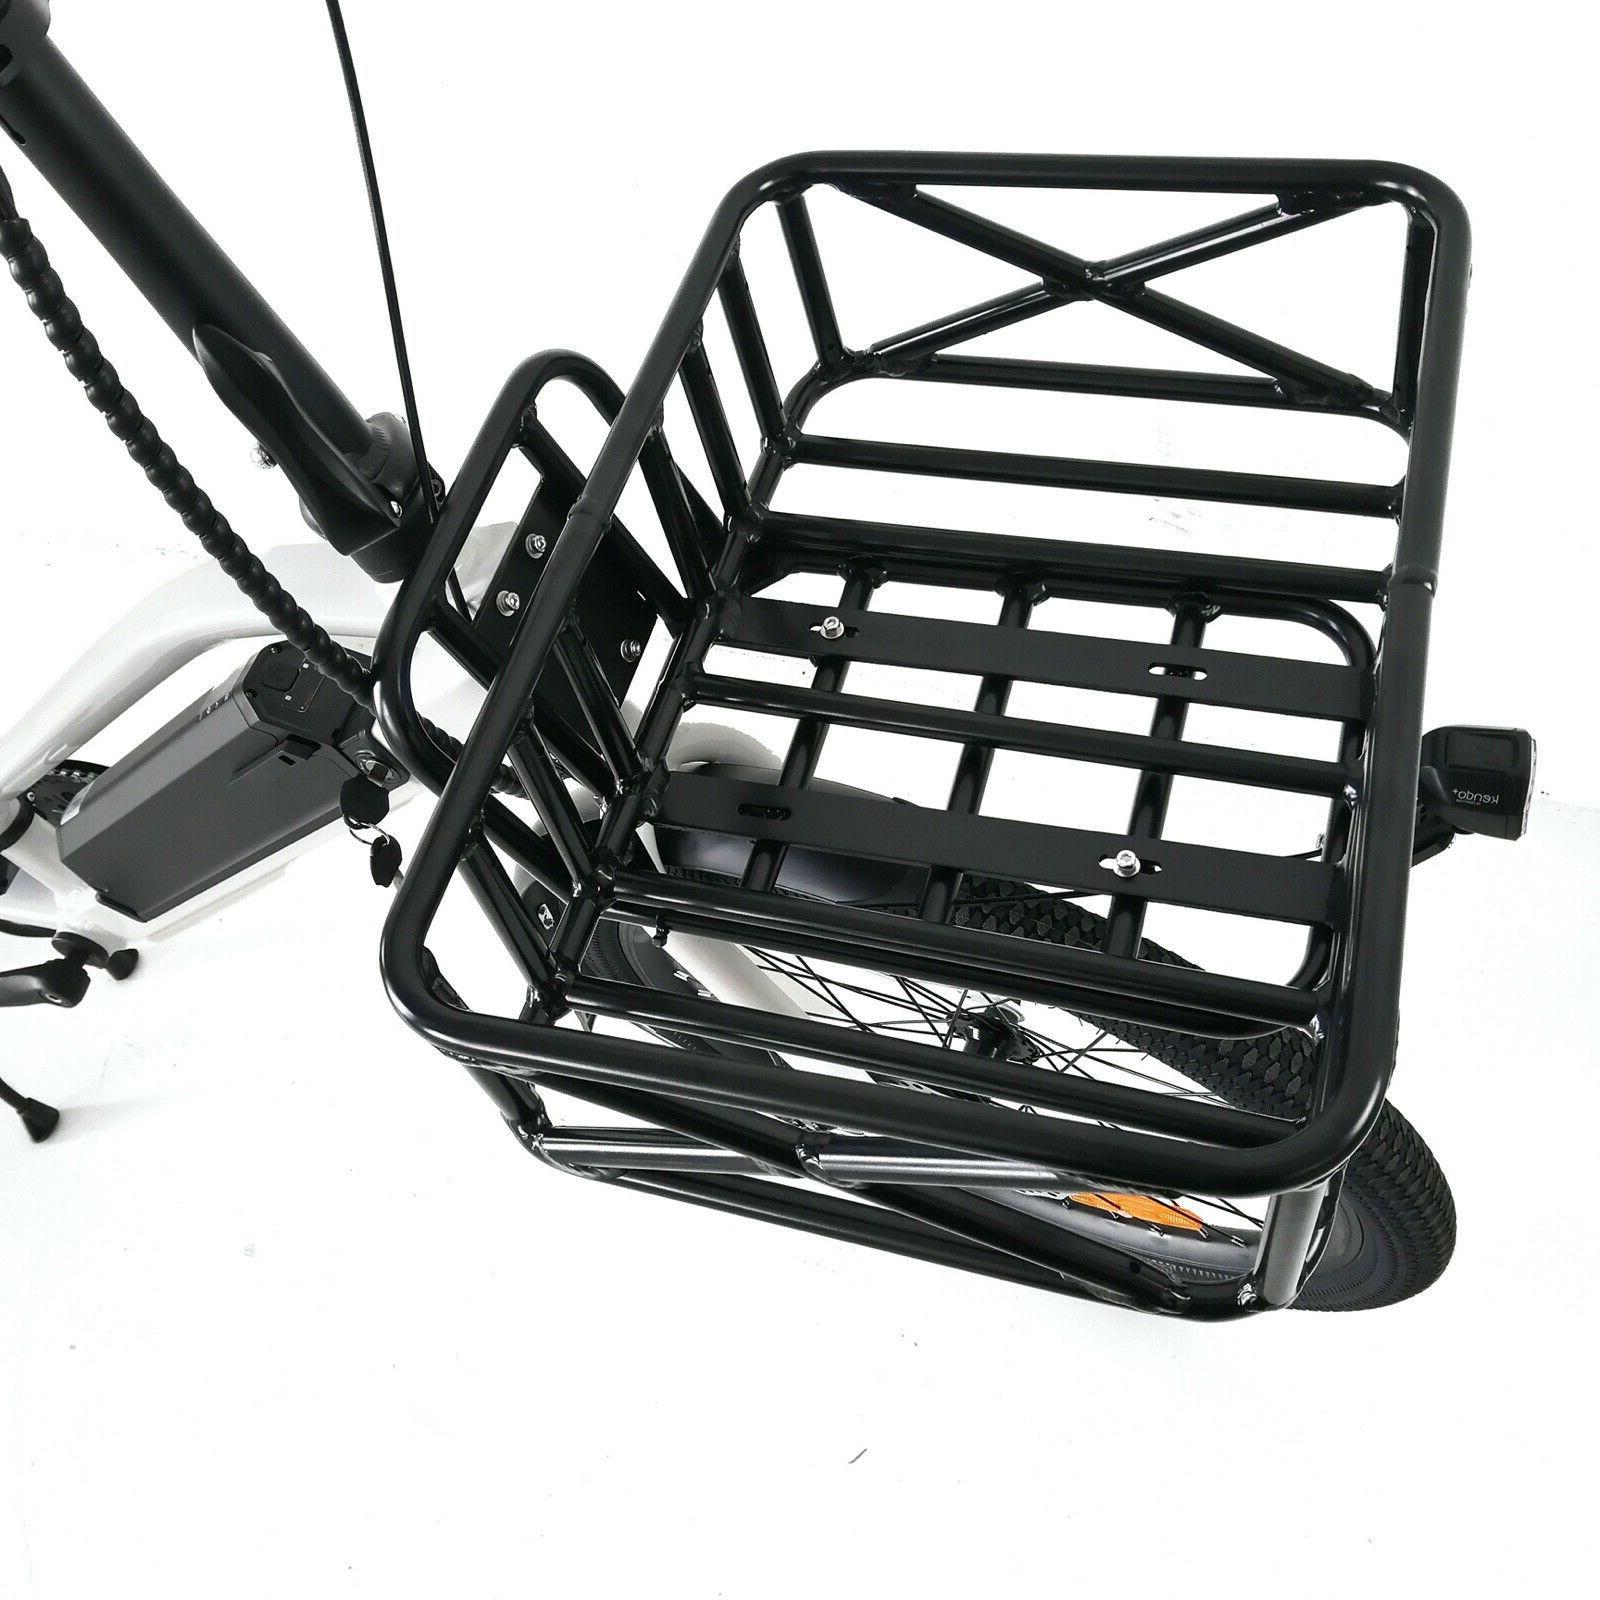 Model MAX-CARGO E-Bike